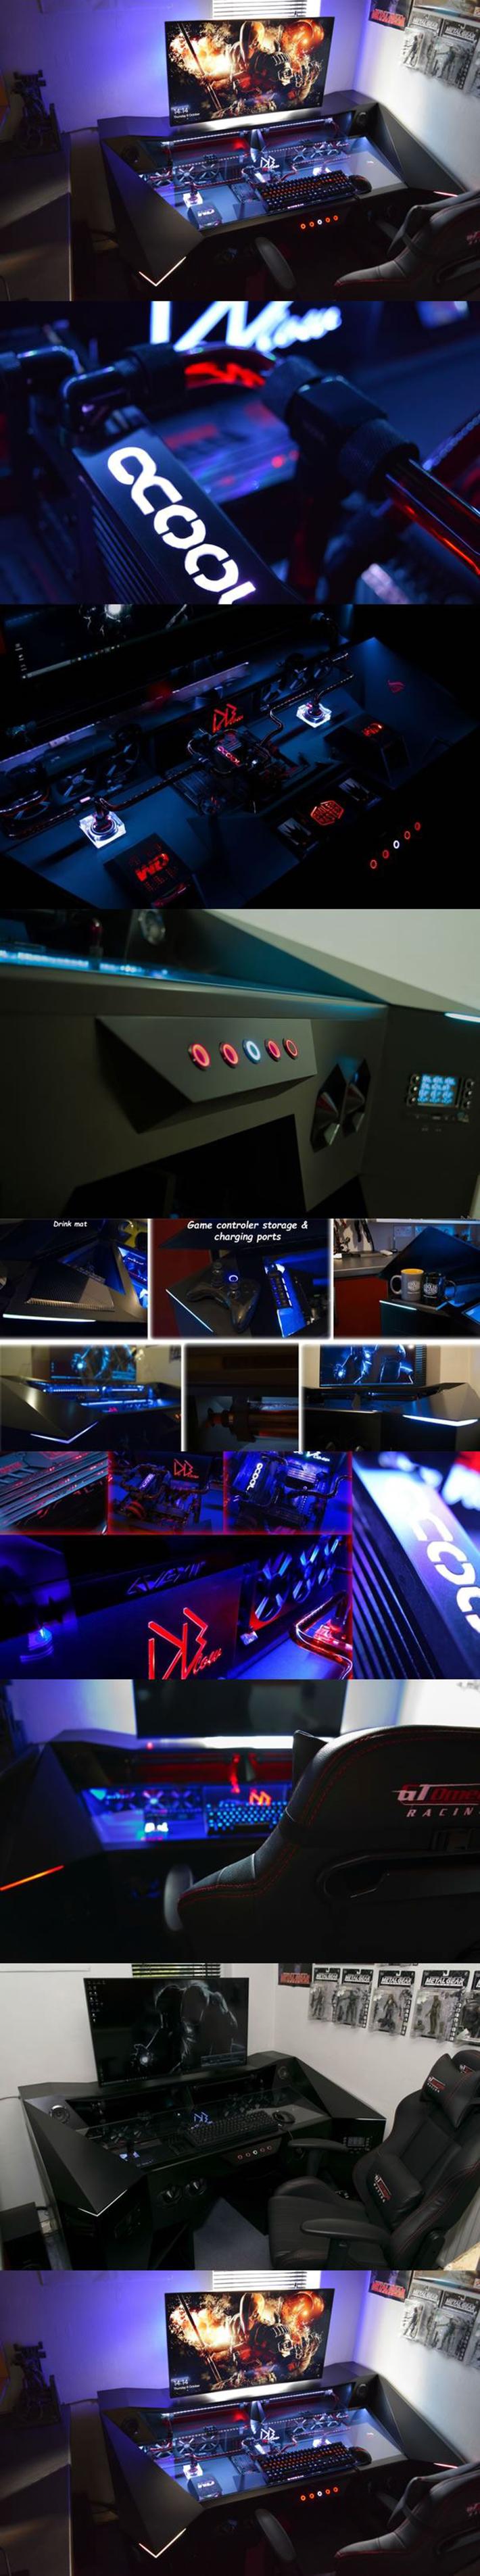 4k-gaming-pc2